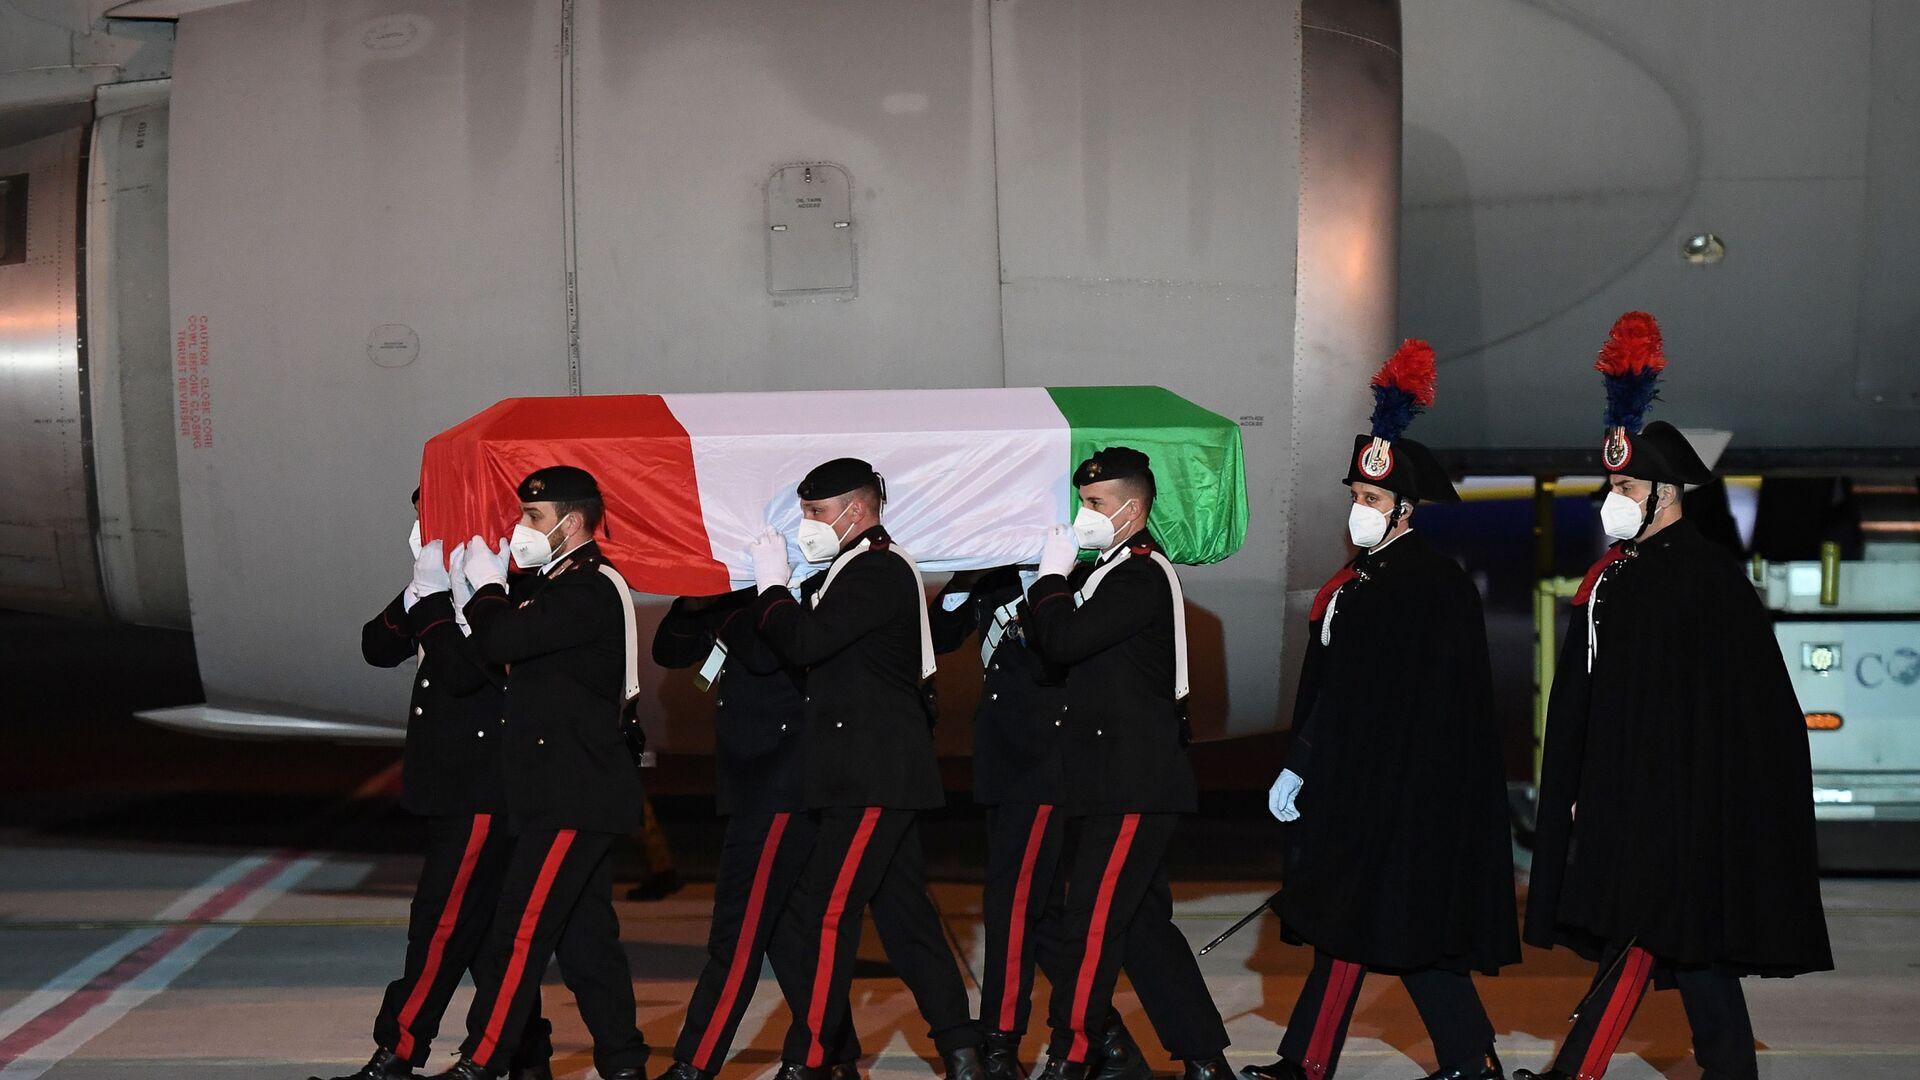 Arrivate a Ciampino le salme dell'ambasciatore Luca Attanasio e del carabiniere Vittorio Iacovacci - Sputnik Italia, 1920, 24.02.2021